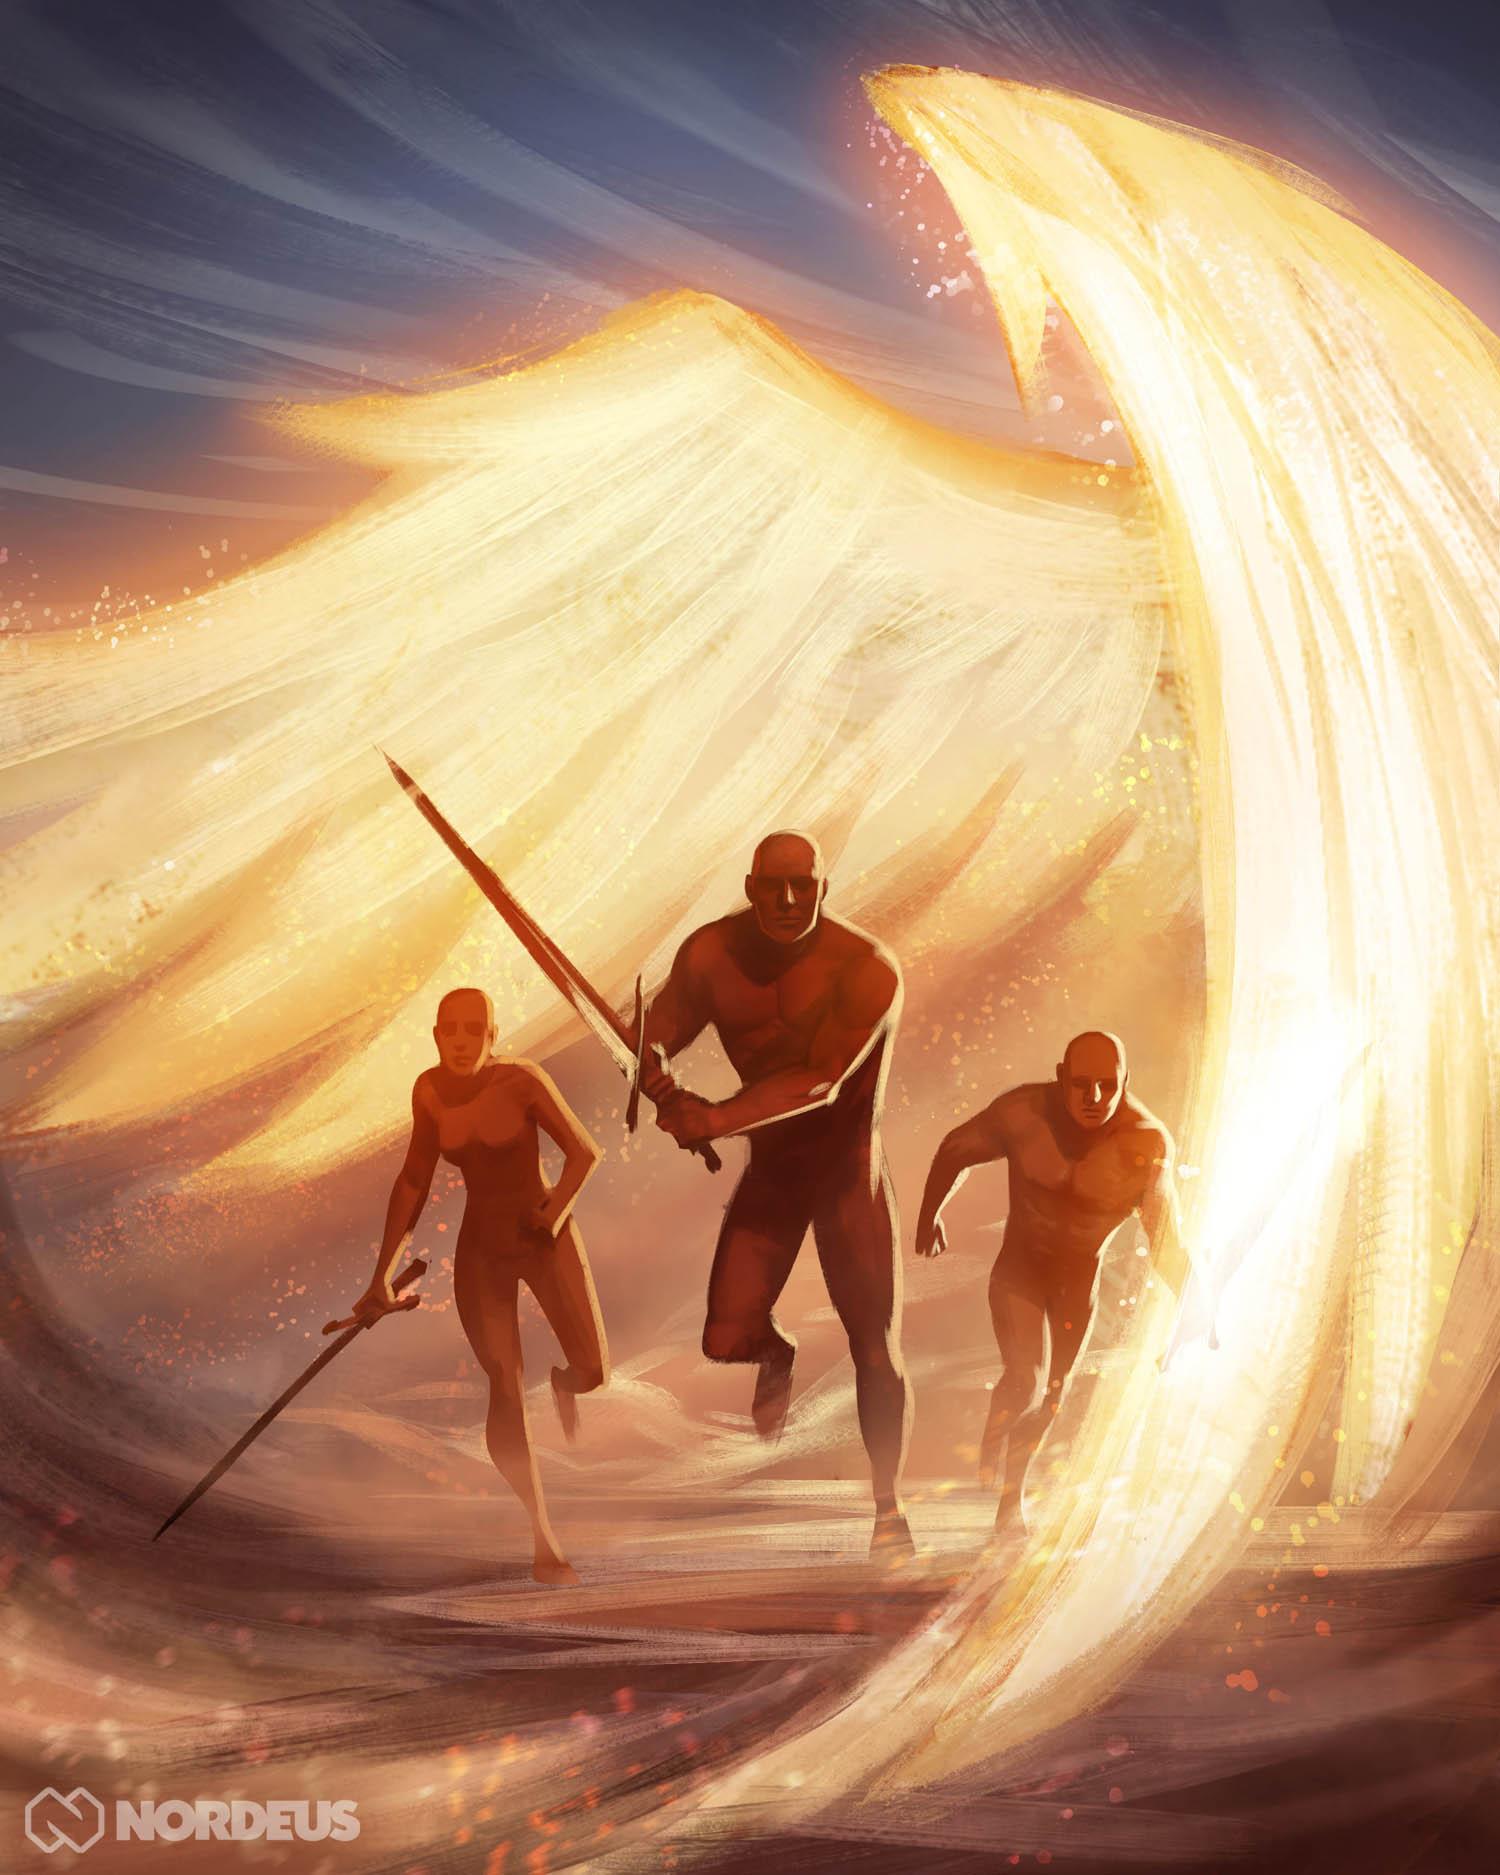 Nordeus_Spells_Divine_Protectors Wings.jpg